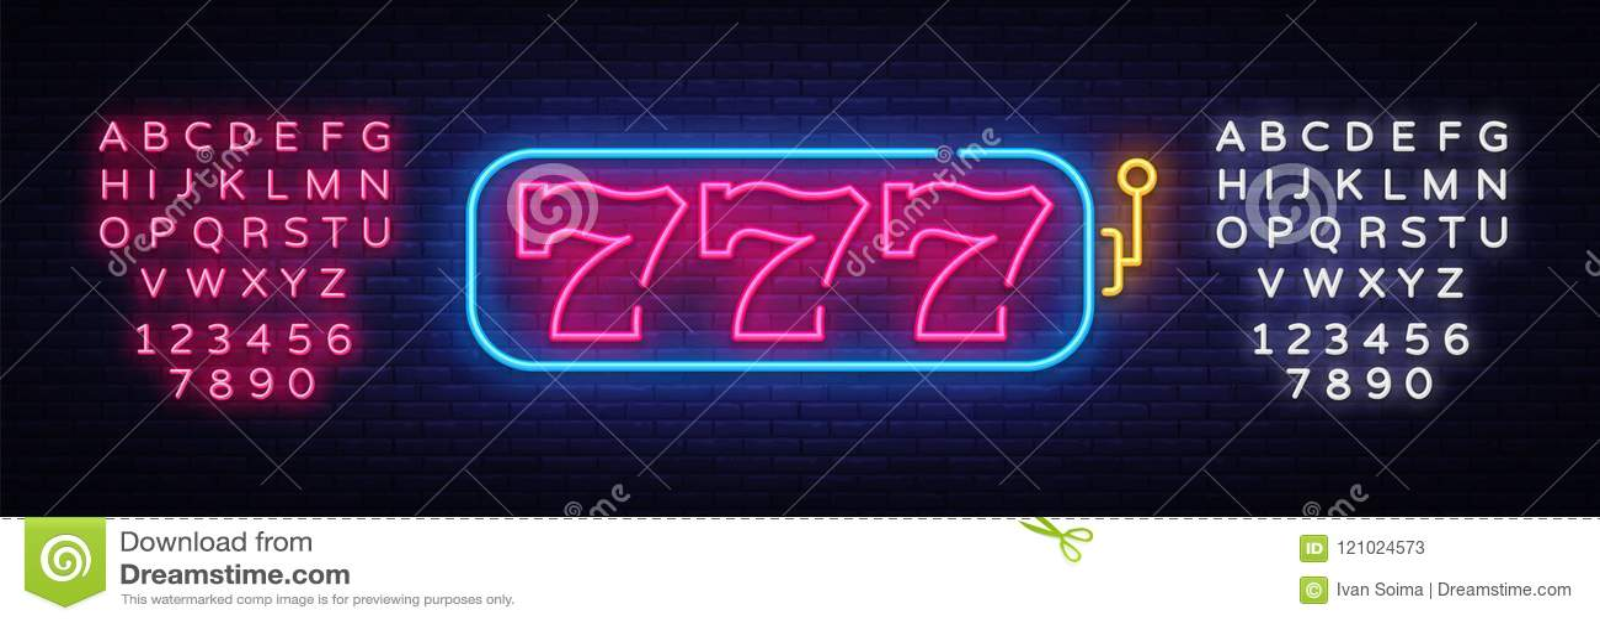 Het tekenvector van het gokautomaatneon 777 het teken van het het malplaatjeneon van het gokautomaatontwerp, lichte banner, neonu